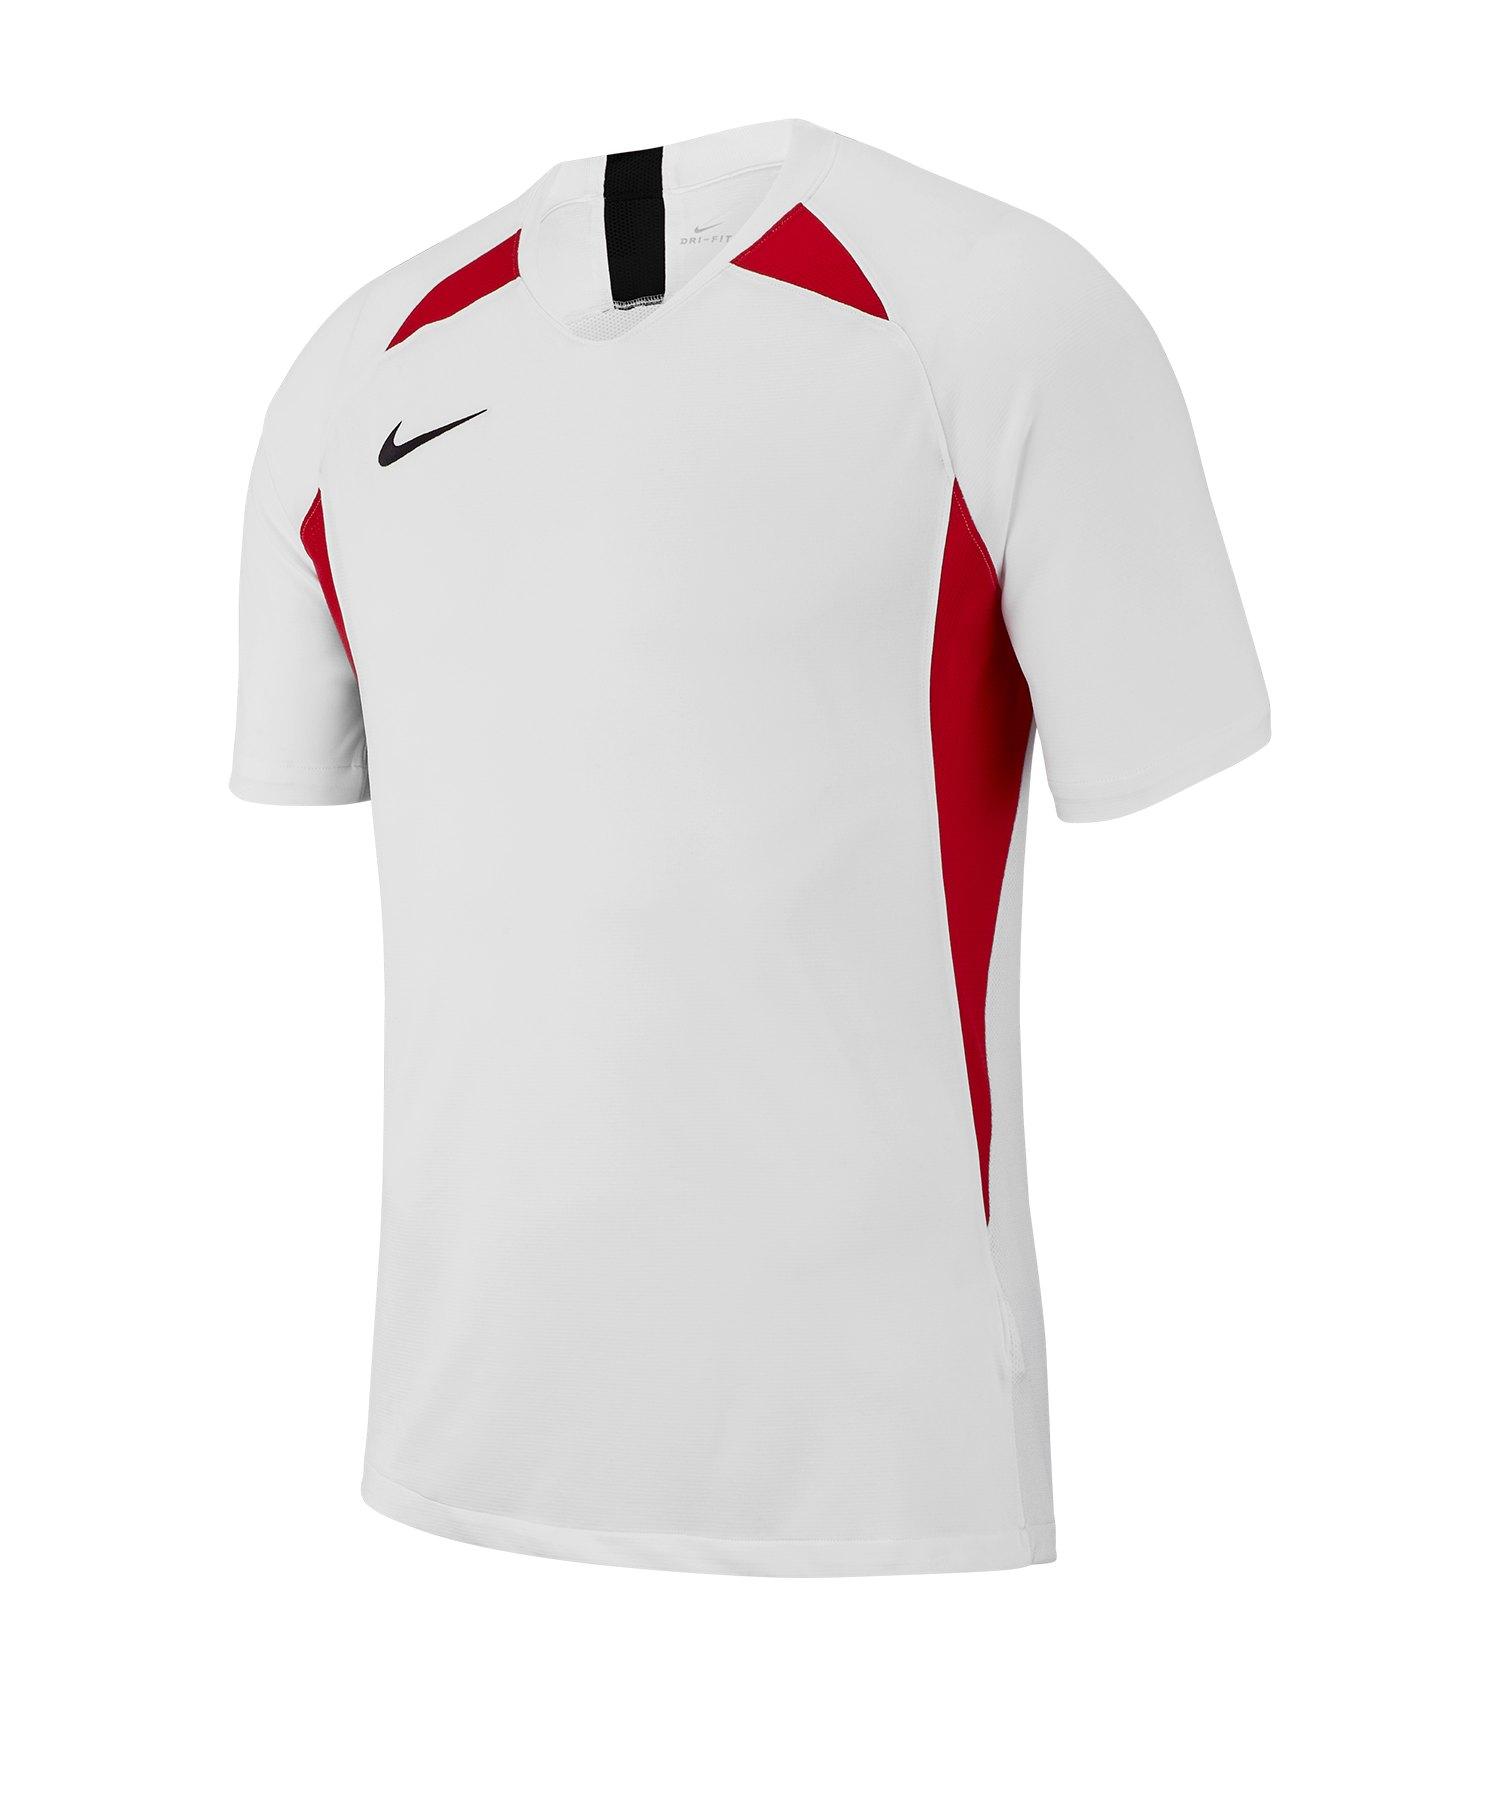 Nike Legend Trikot kurzarm Weiss Rot F101 - weiss